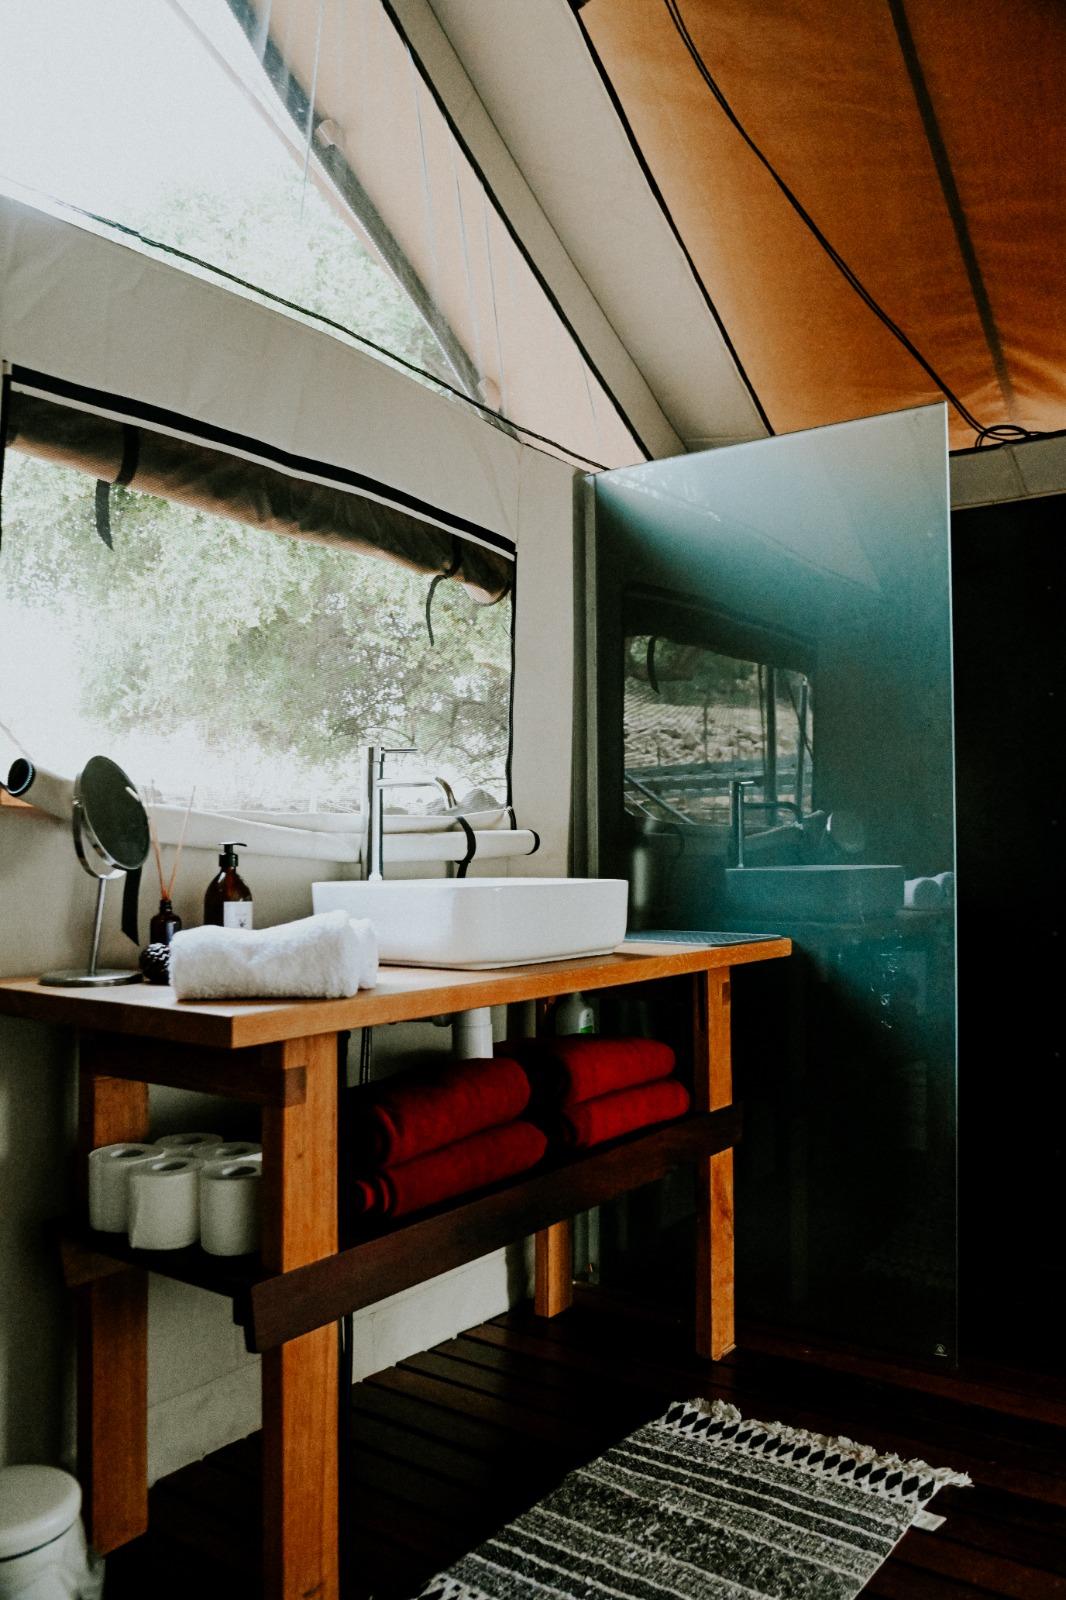 Luxury Tent house